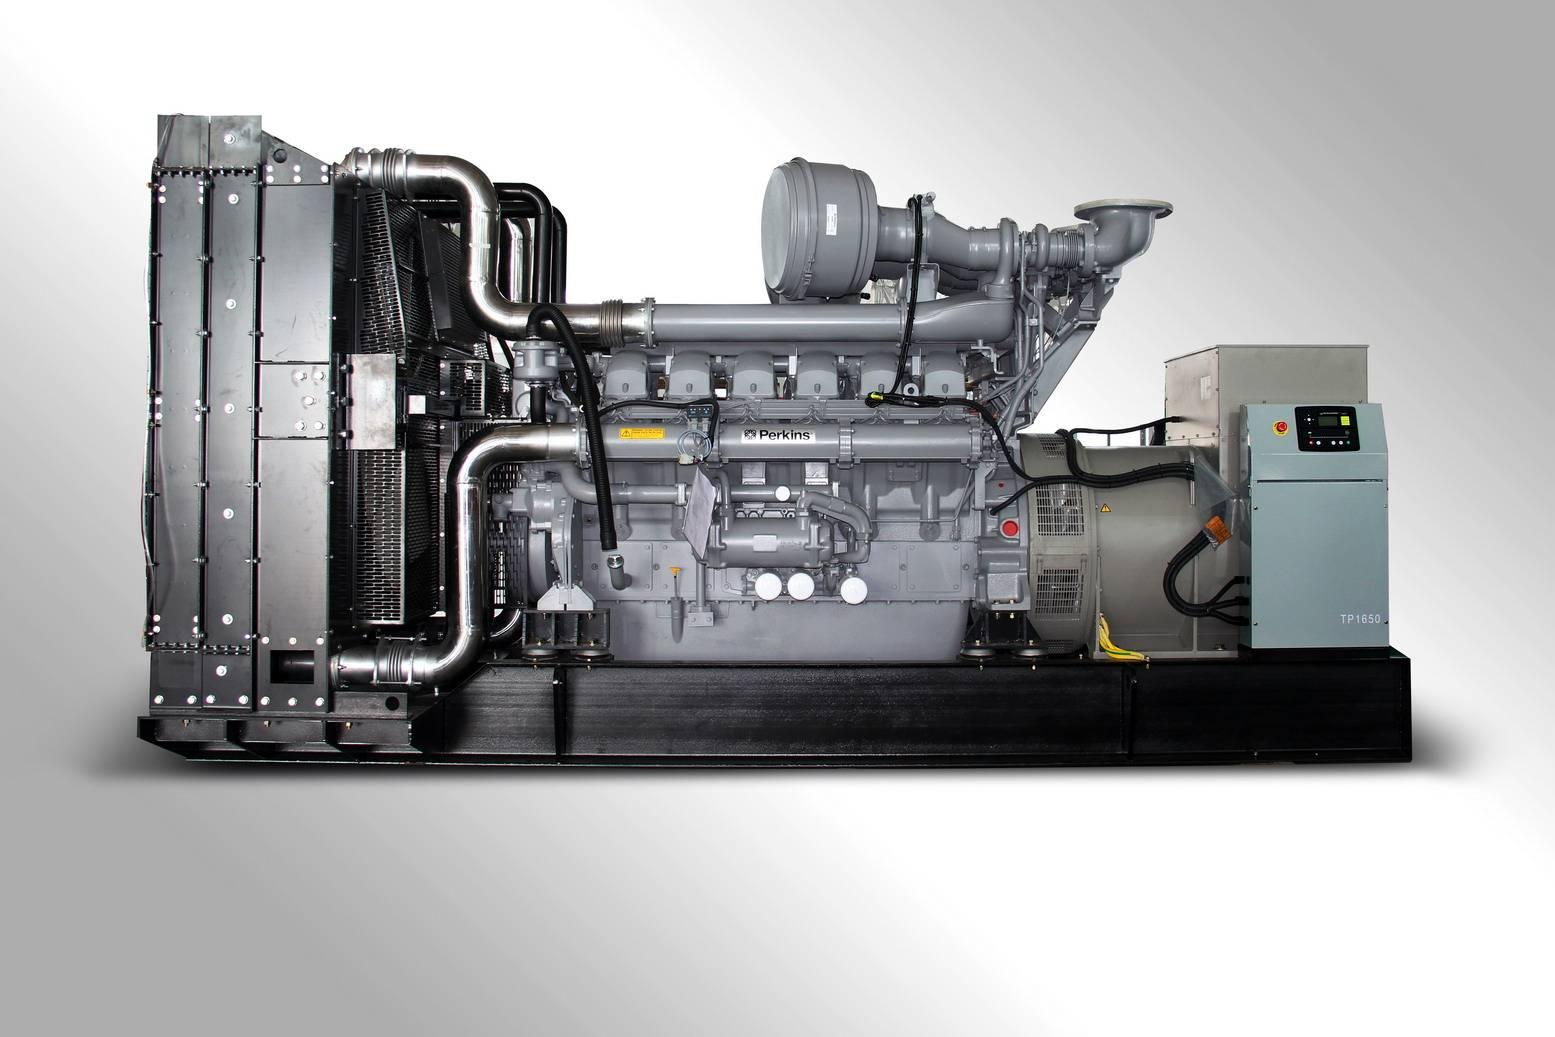 Diesel generator set(1650)